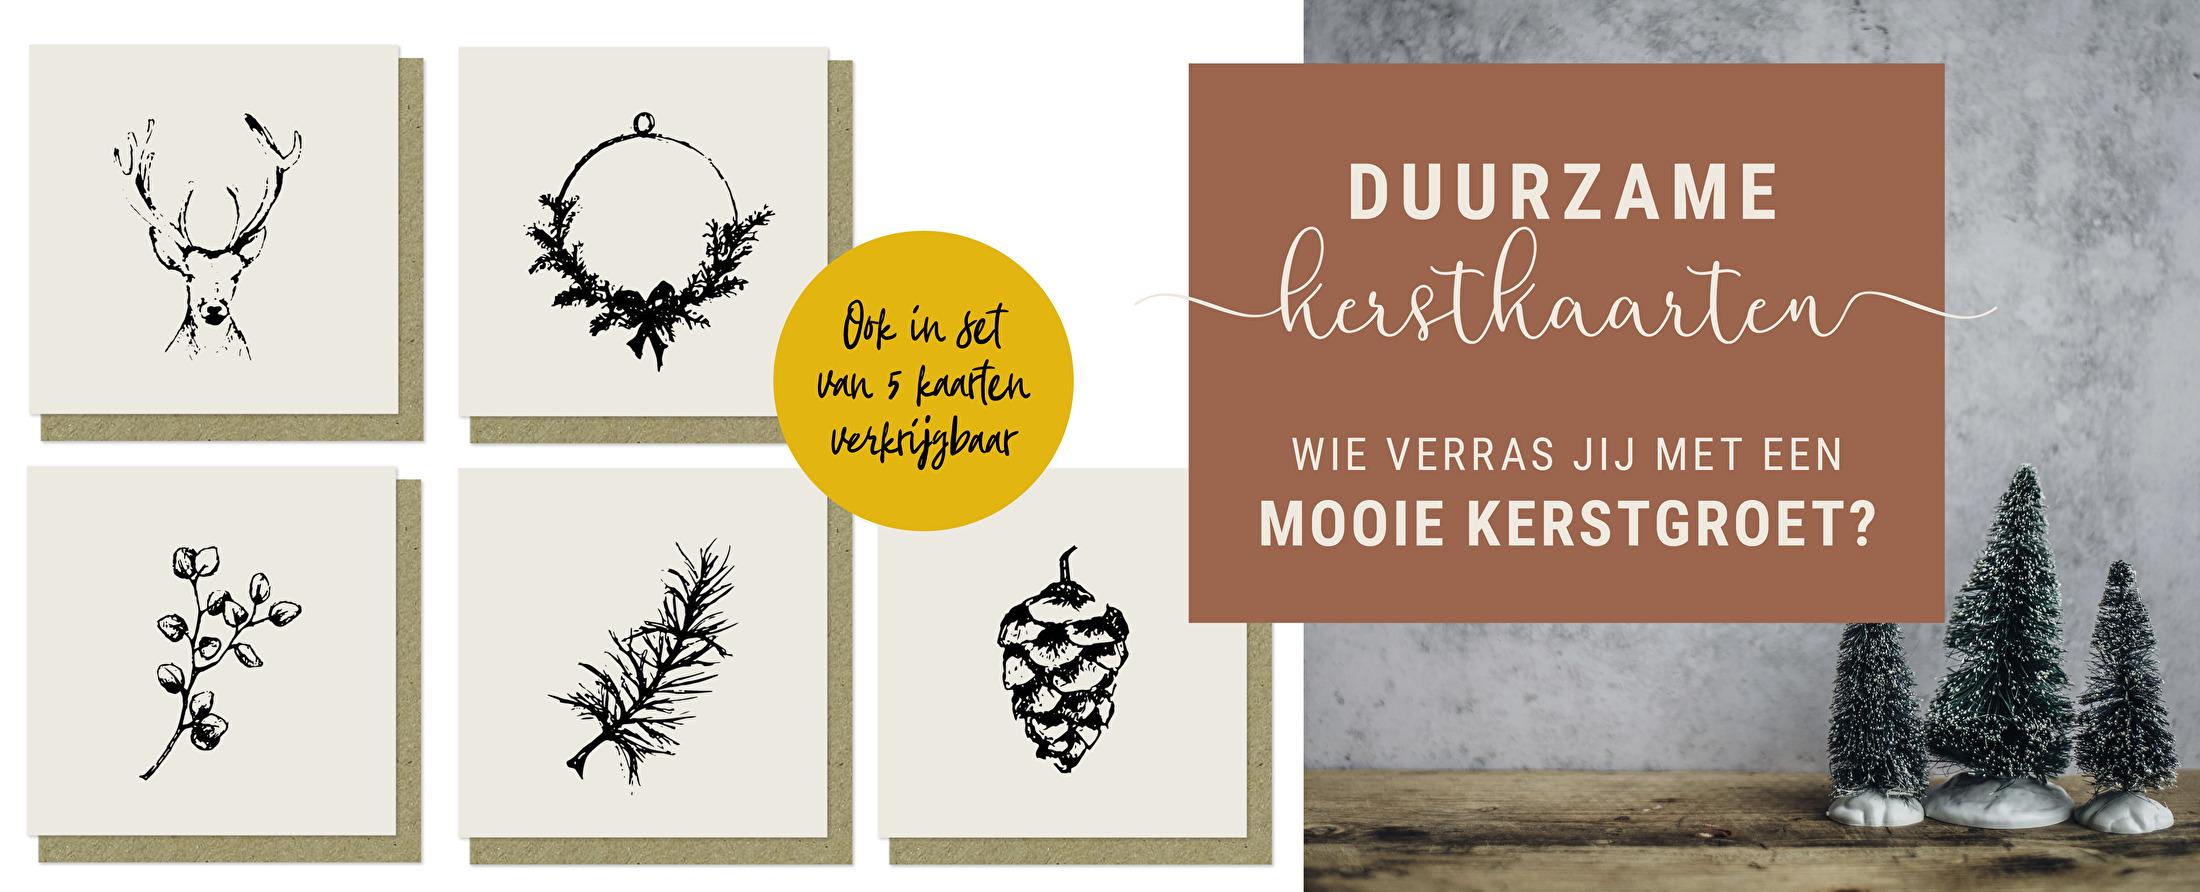 Kerst / duurzaam / kaarten / cadeaulabels / wenskaarten